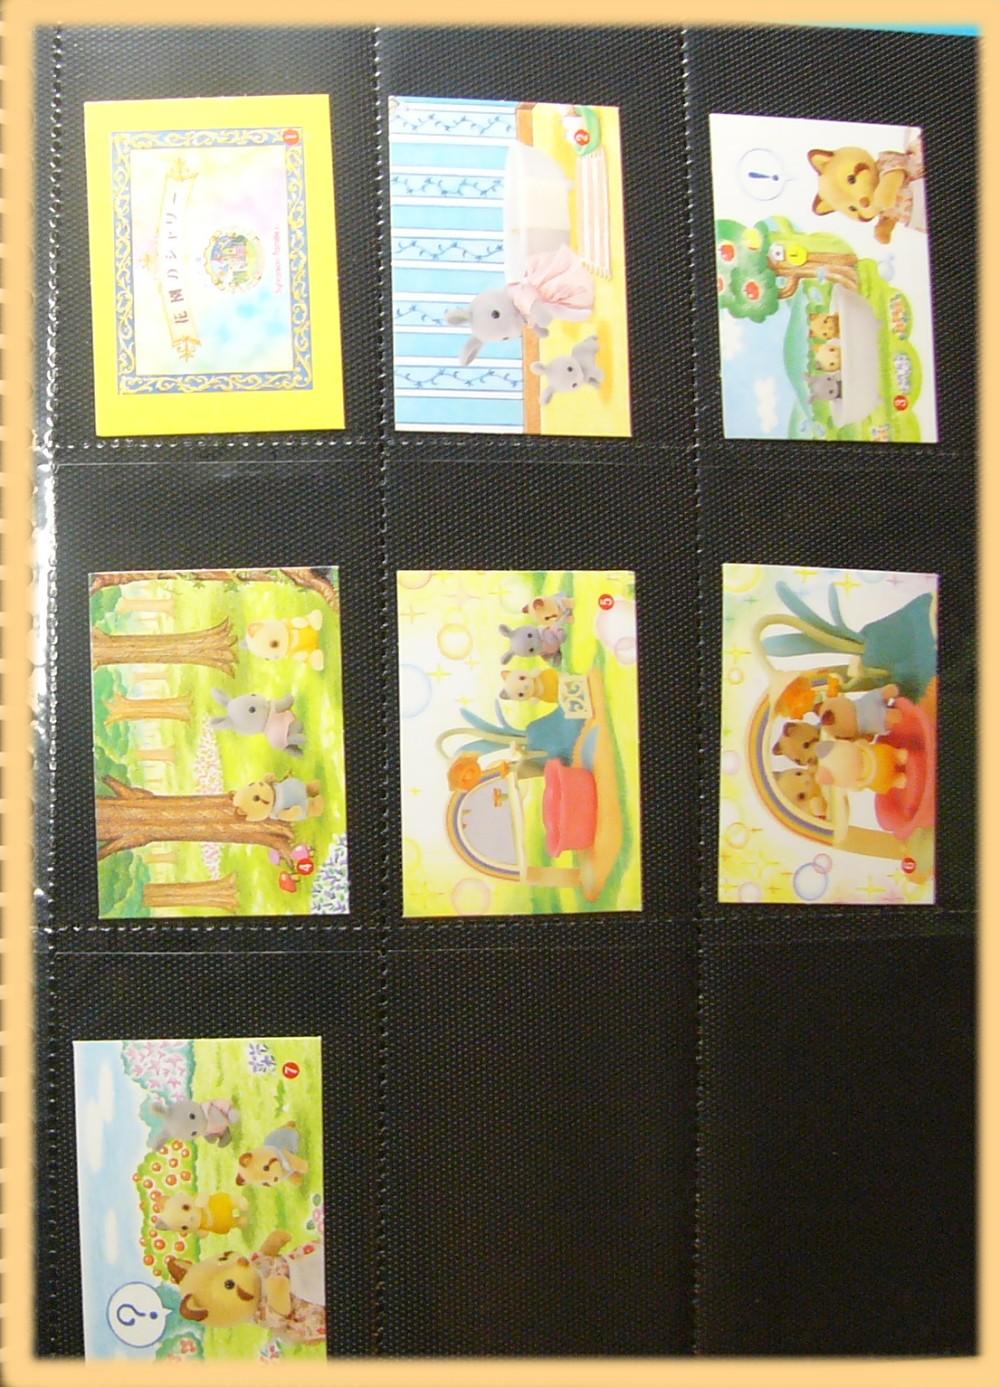 花園のシャワー ストーリーカード 8